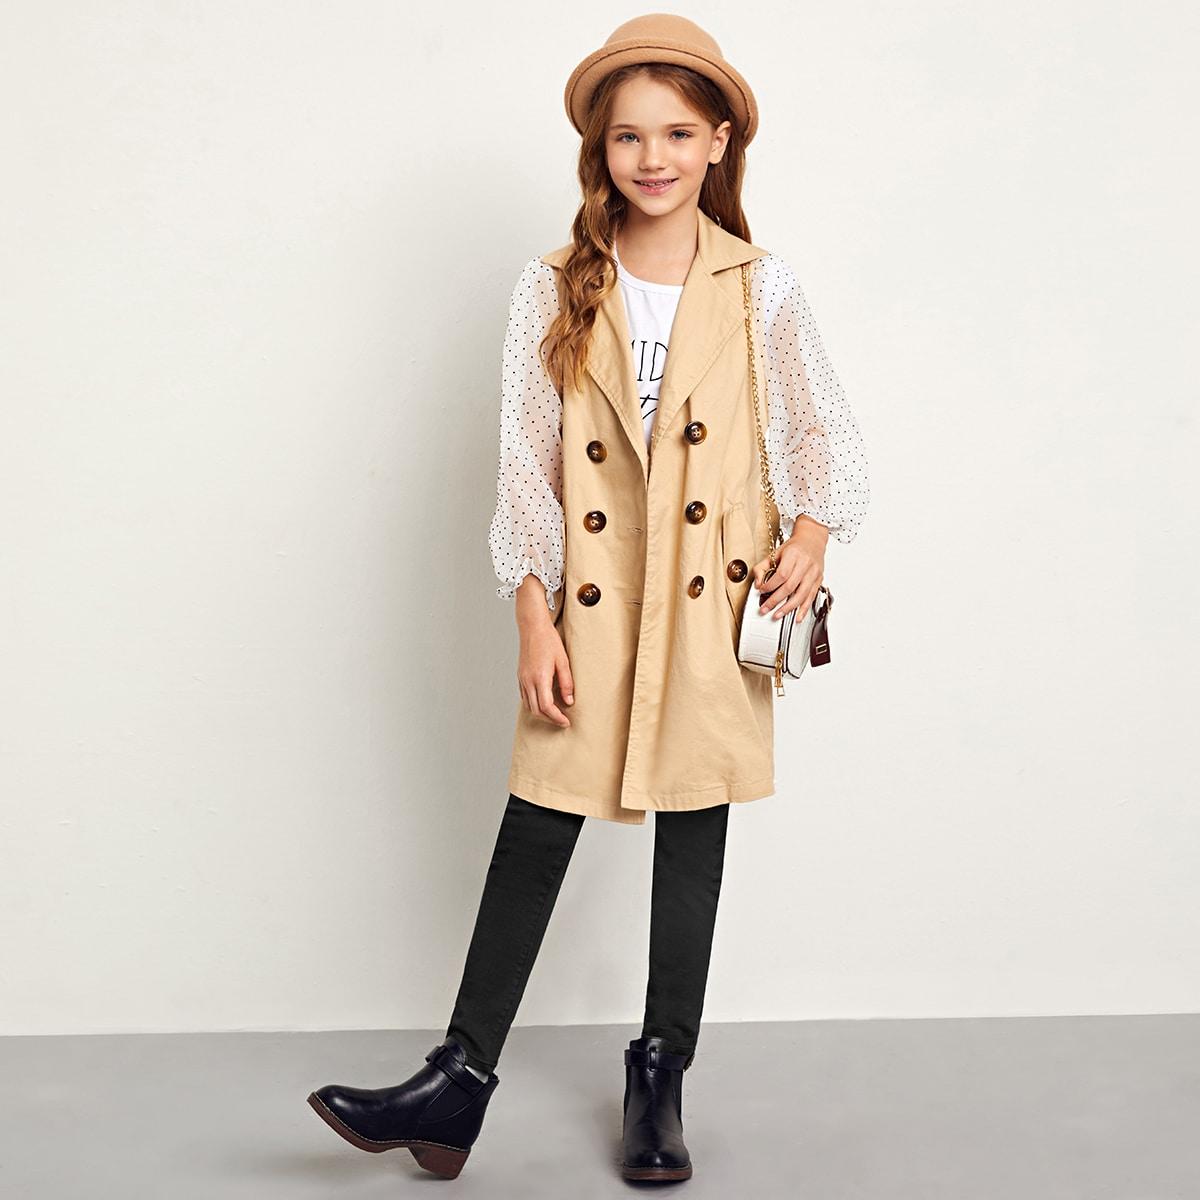 Пальто-тренч с поясом и рукавом из органзы в горошек для девочек от SHEIN